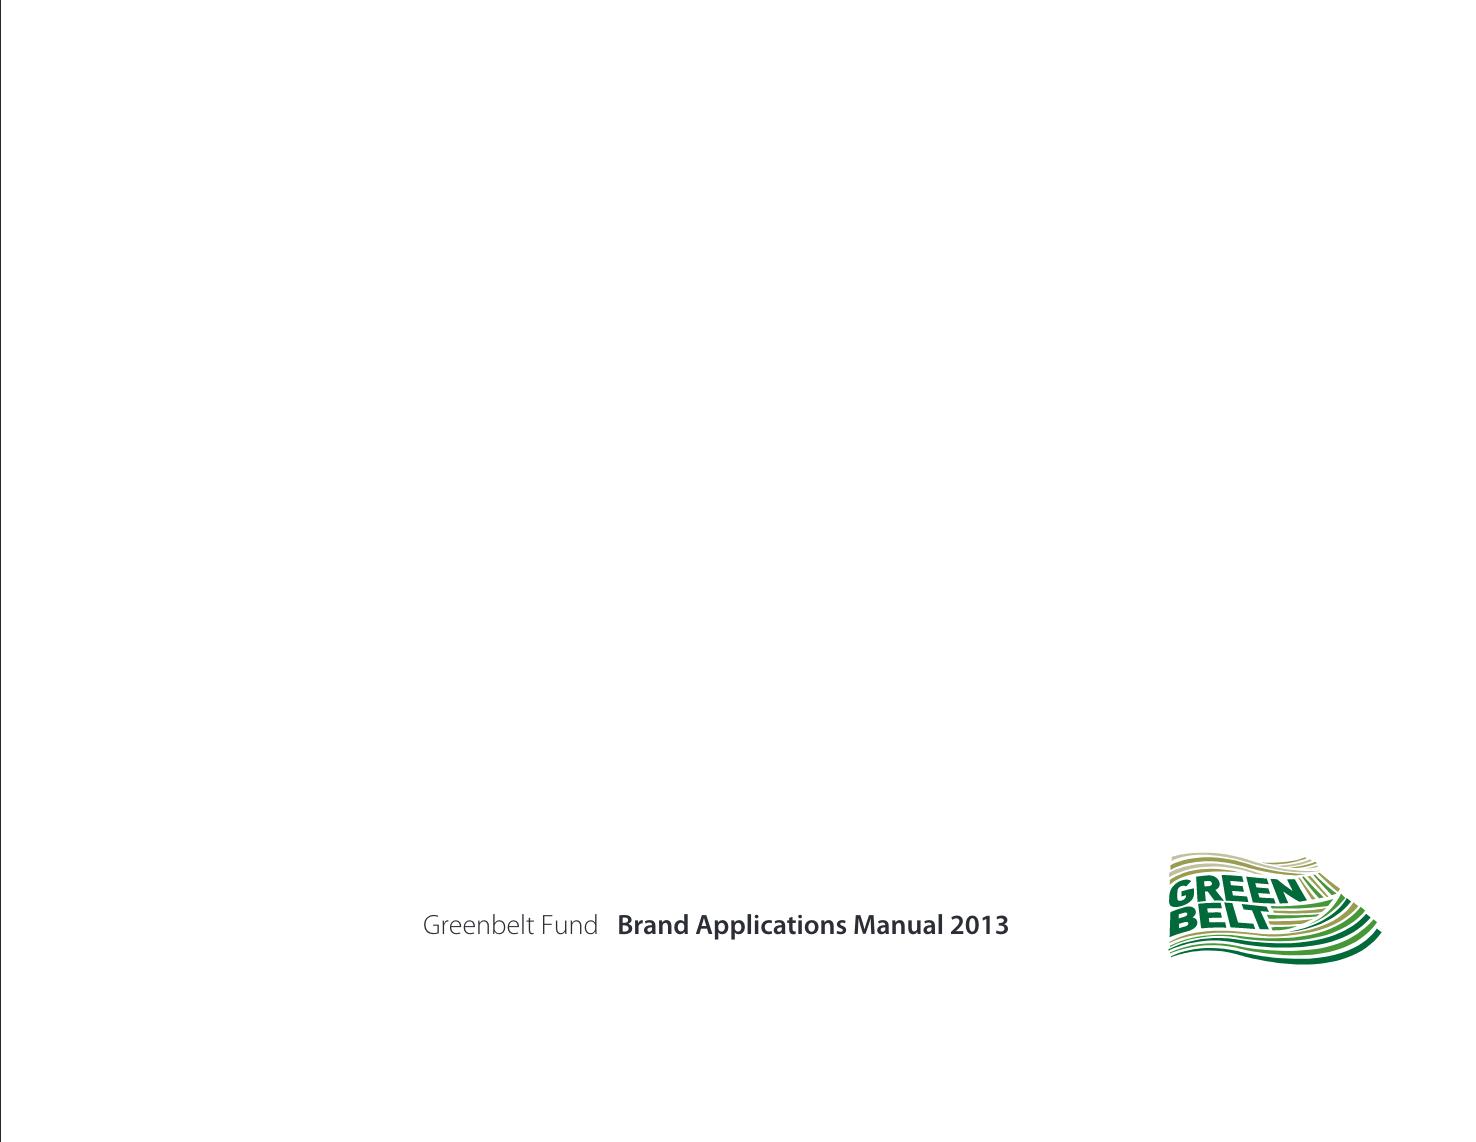 Brand Standards - Greenbelt Fund